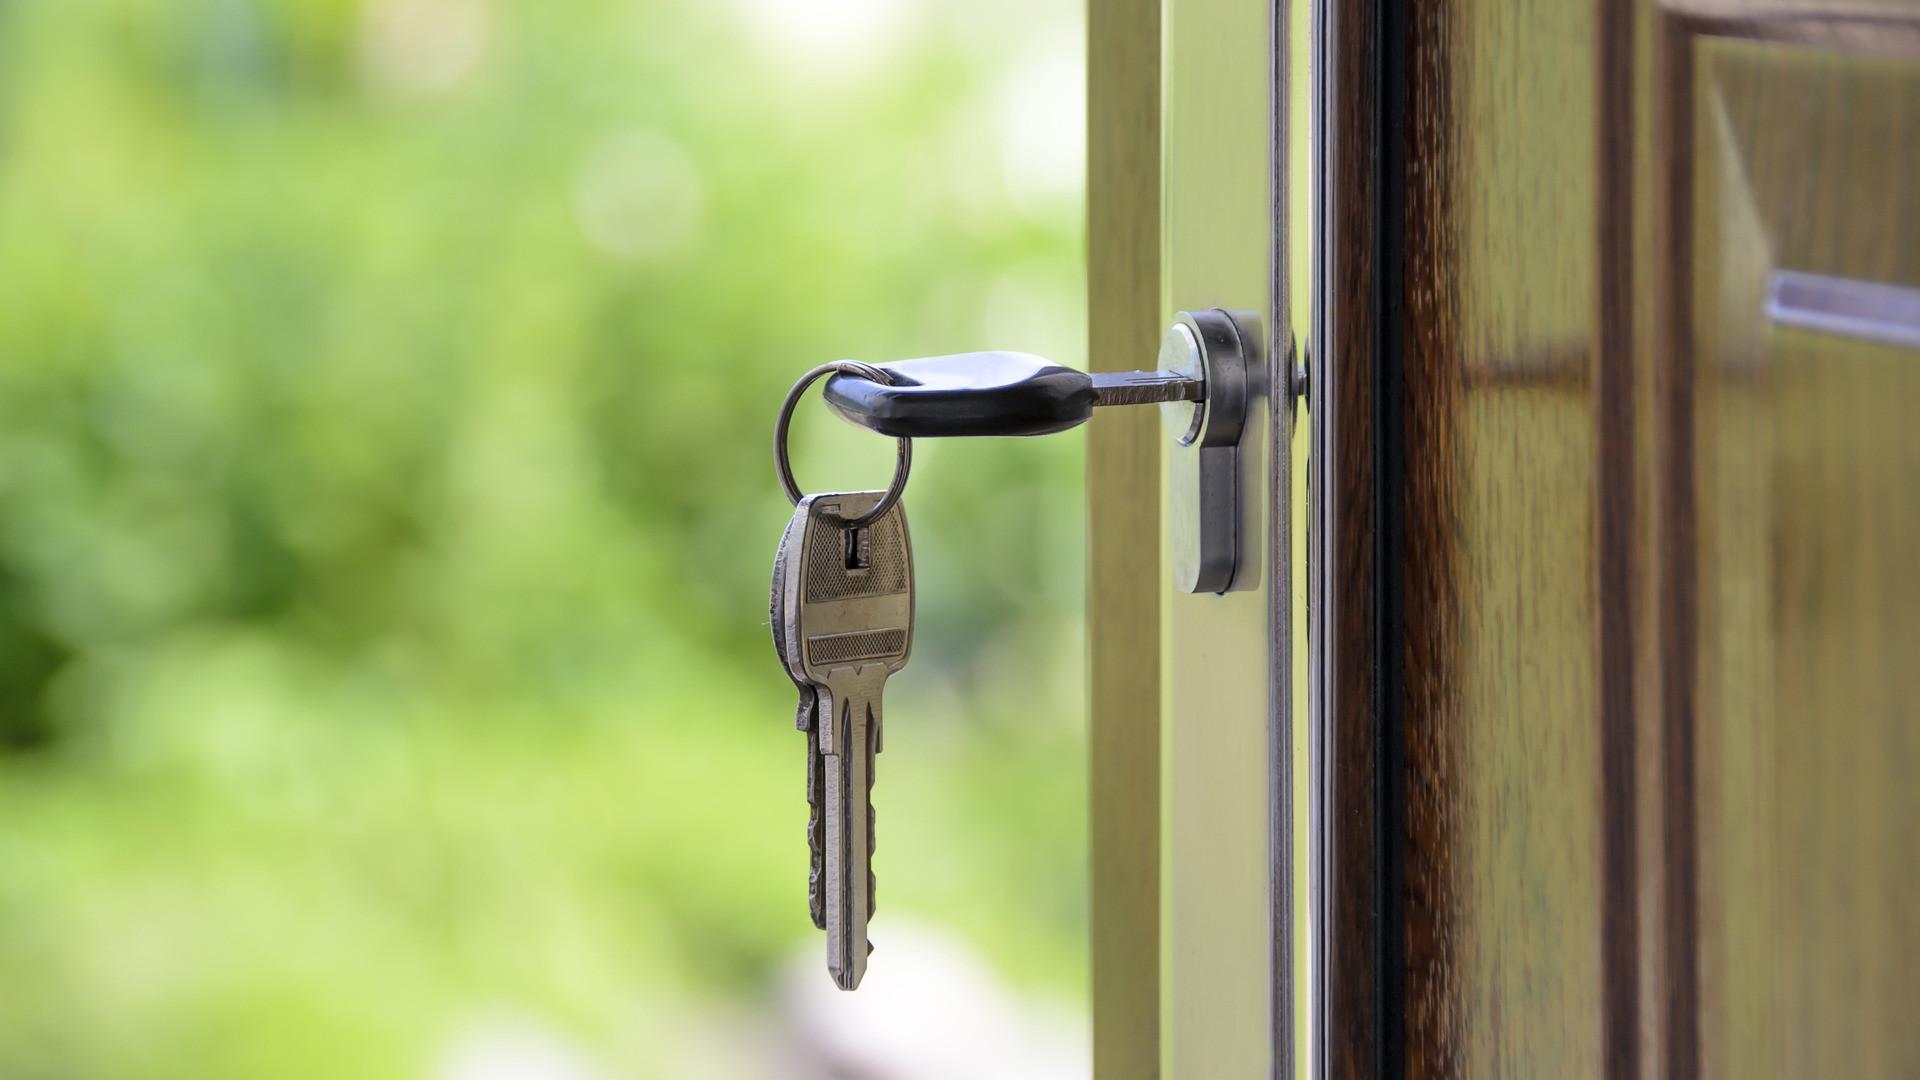 Тридцать детей-сирот получили жилье в Одинцовском округе с начала года